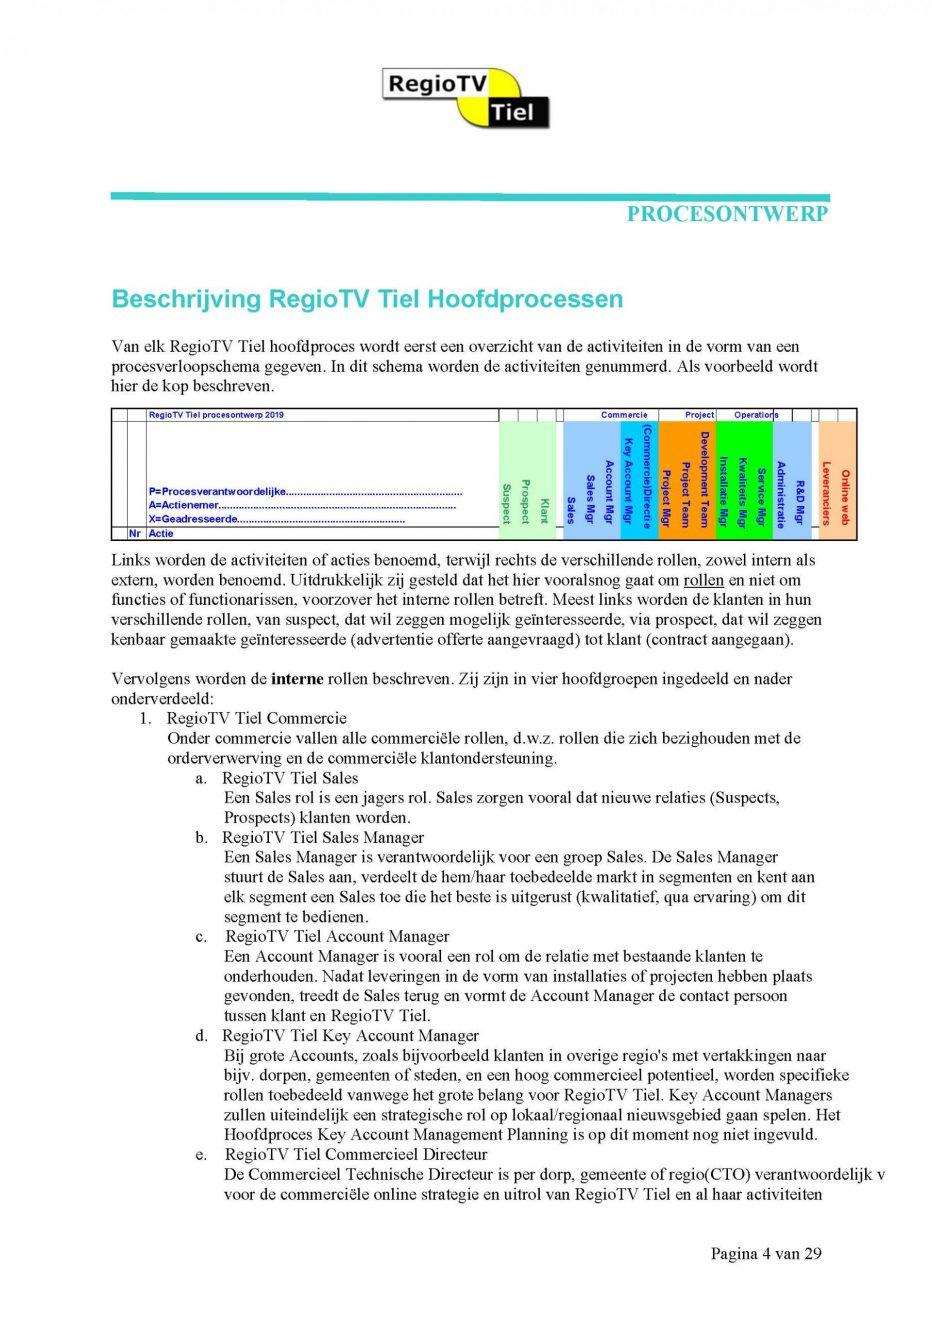 15.-RegioTV-Tiel-Procesontwerp-Handboek_Pagina_04-1-scaled.jpg